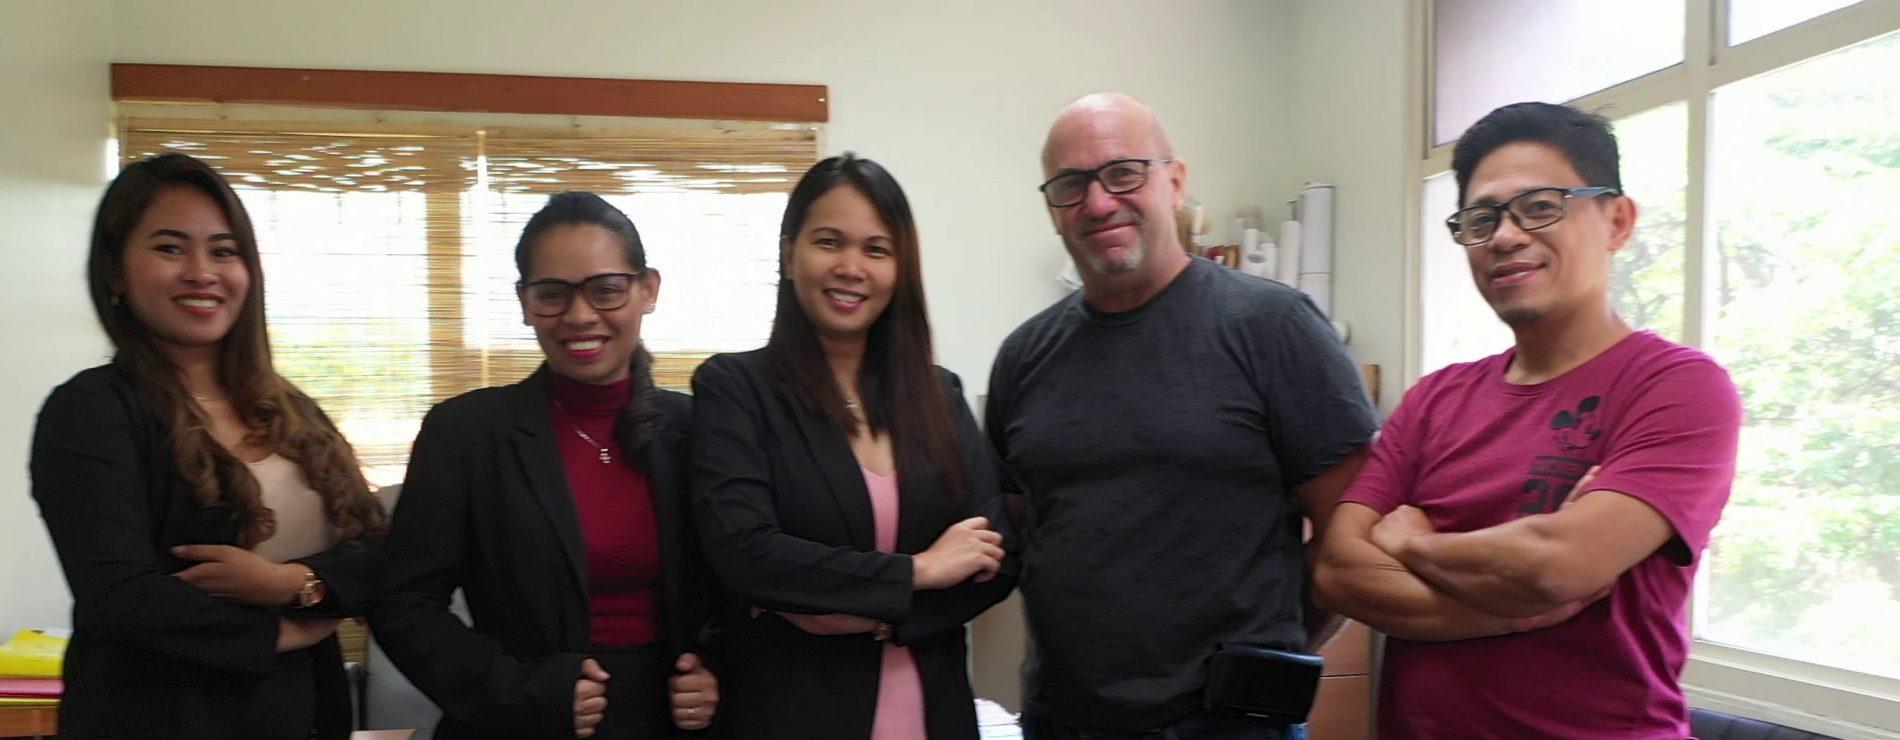 filipino business partners